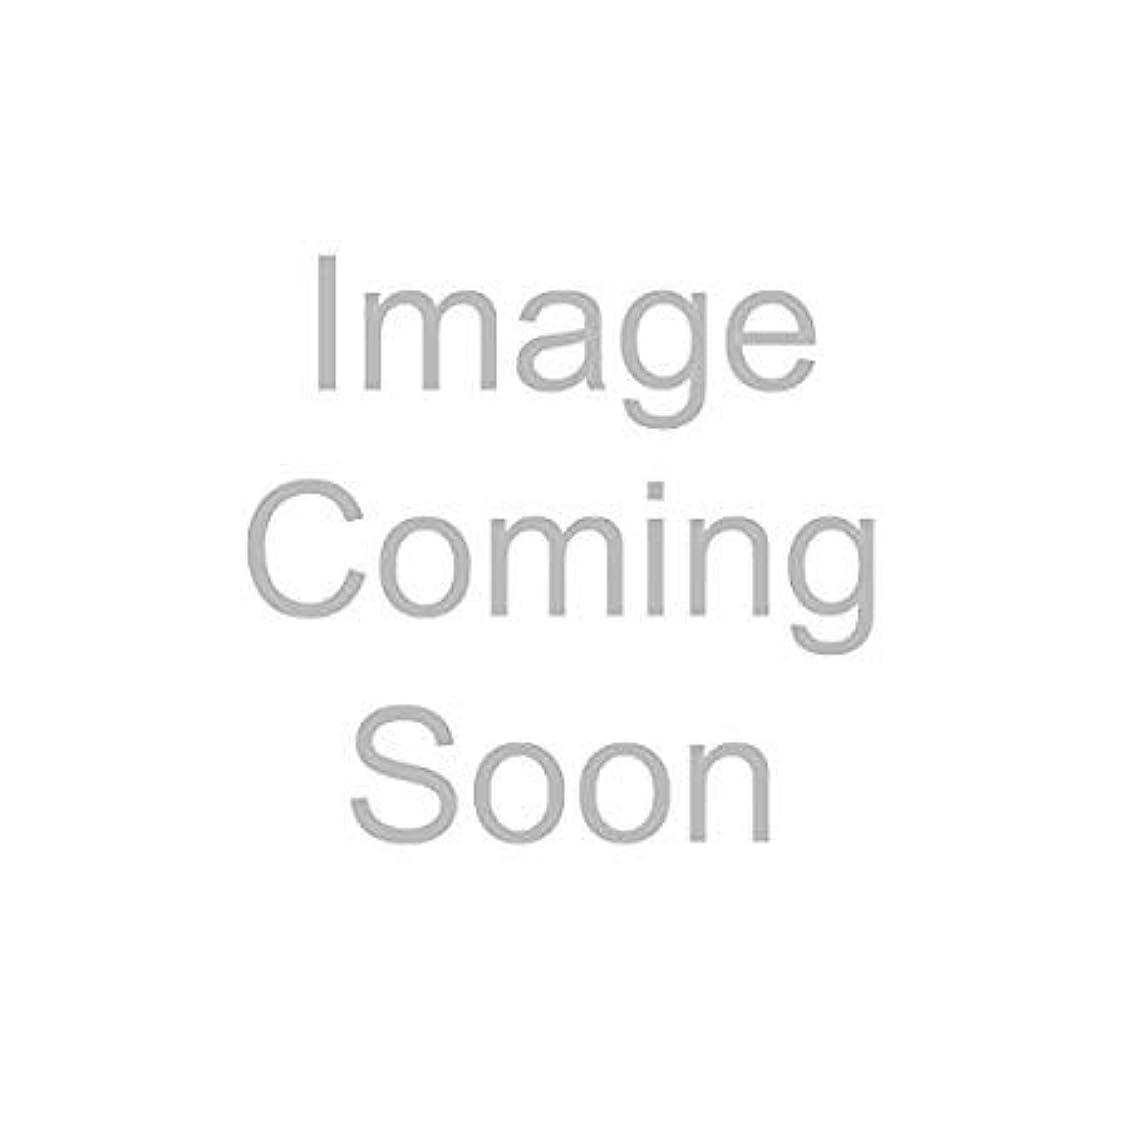 ぬいぐるみ穏やかなご飯ミッレフィオーリ ナチュラル フレグランス ディフューザー リフィル - ホワイトムスク 250ml/8.45oz並行輸入品